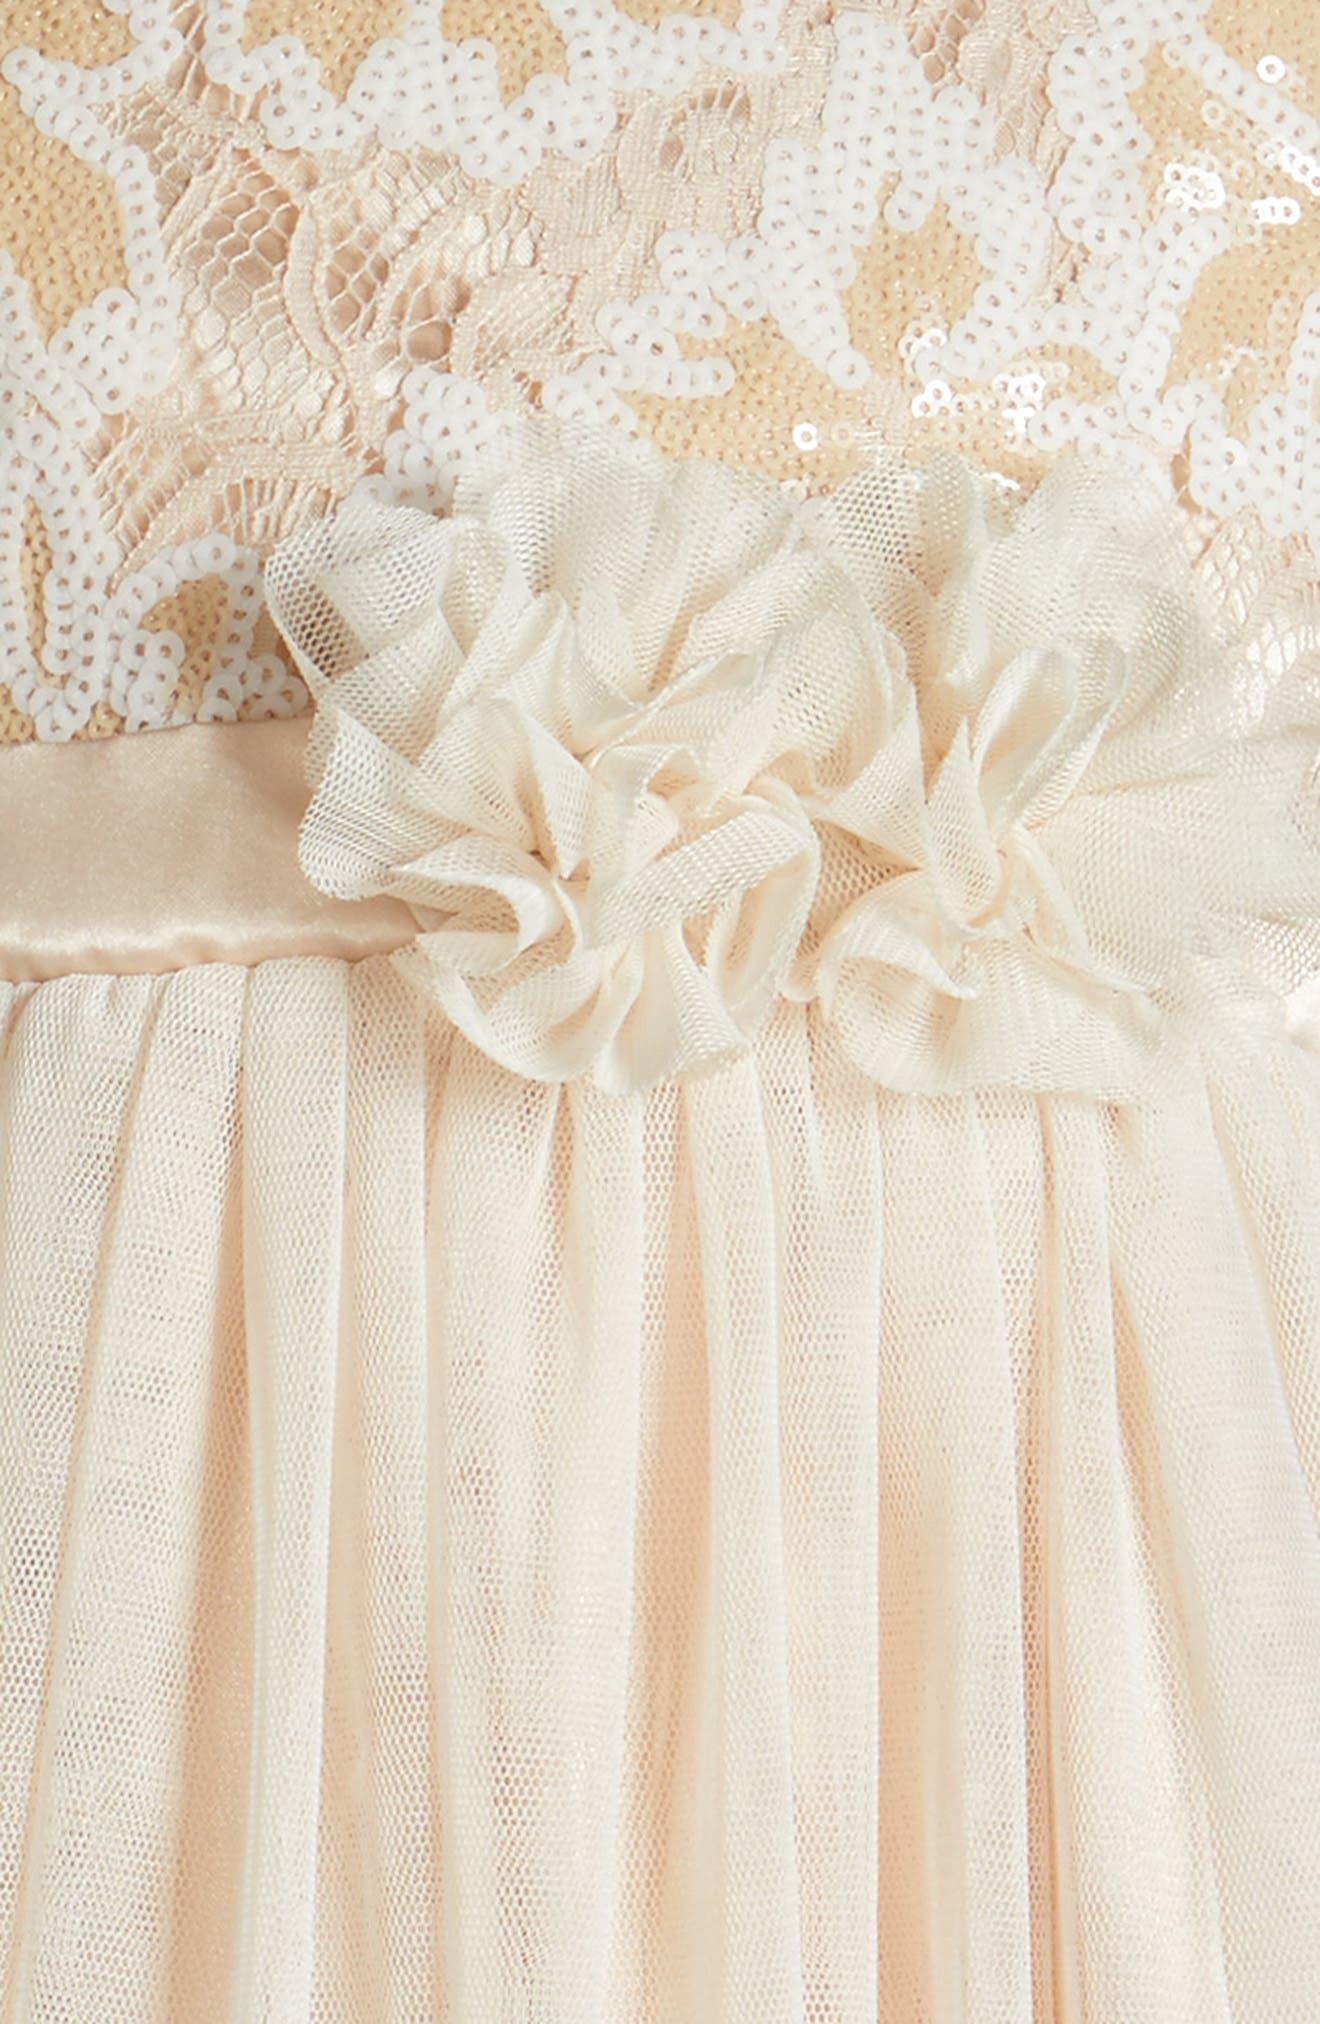 Sequin Flower Dress,                             Alternate thumbnail 3, color,                             Ivory